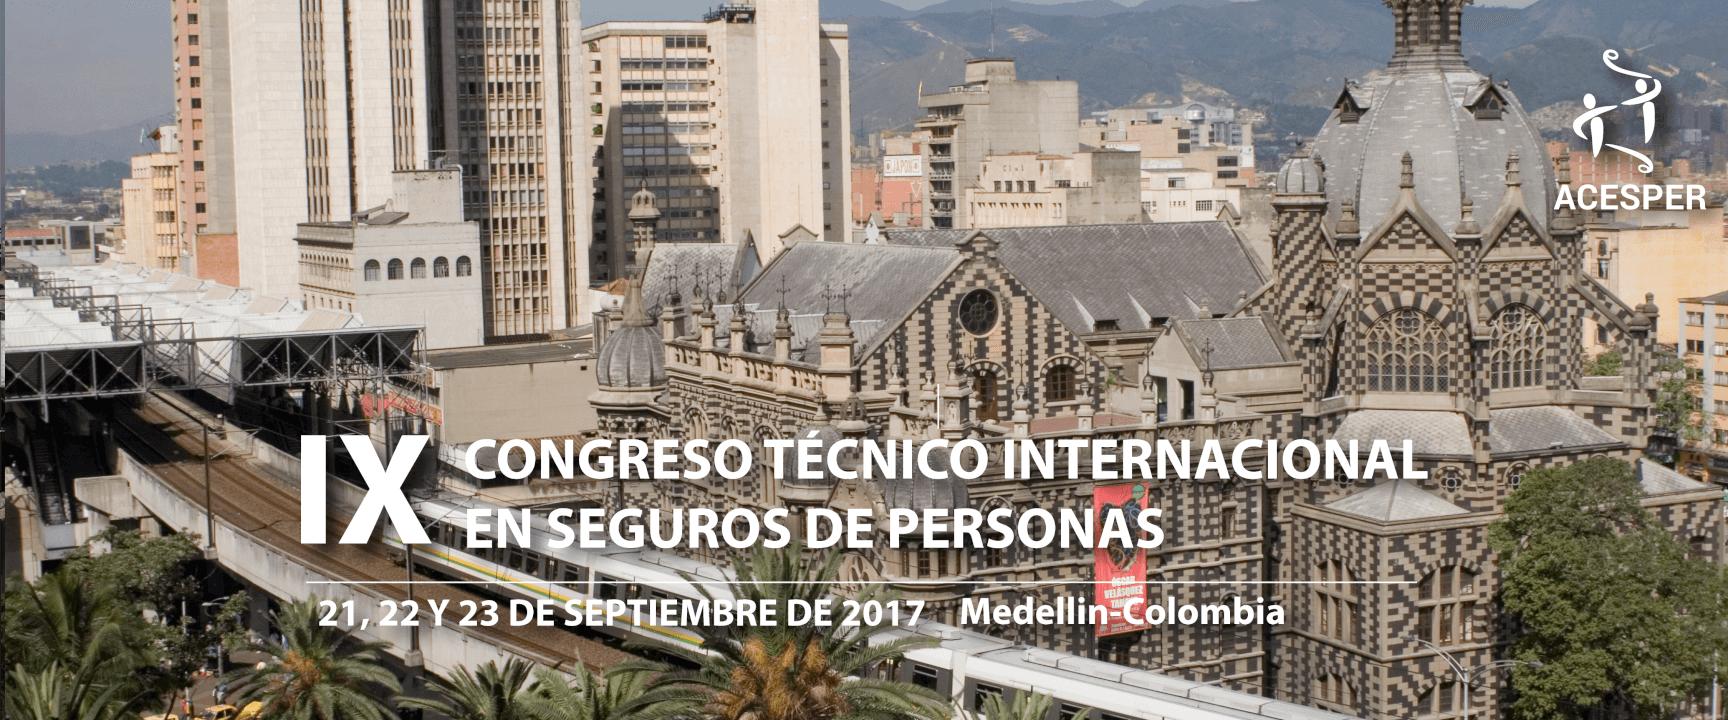 IX CONGRESO TÉCNICO INTERNACIONAL EN SEGUROS DE PERSONAS 21, 22 y 23 DE SEPTIEMBRE DE 2017